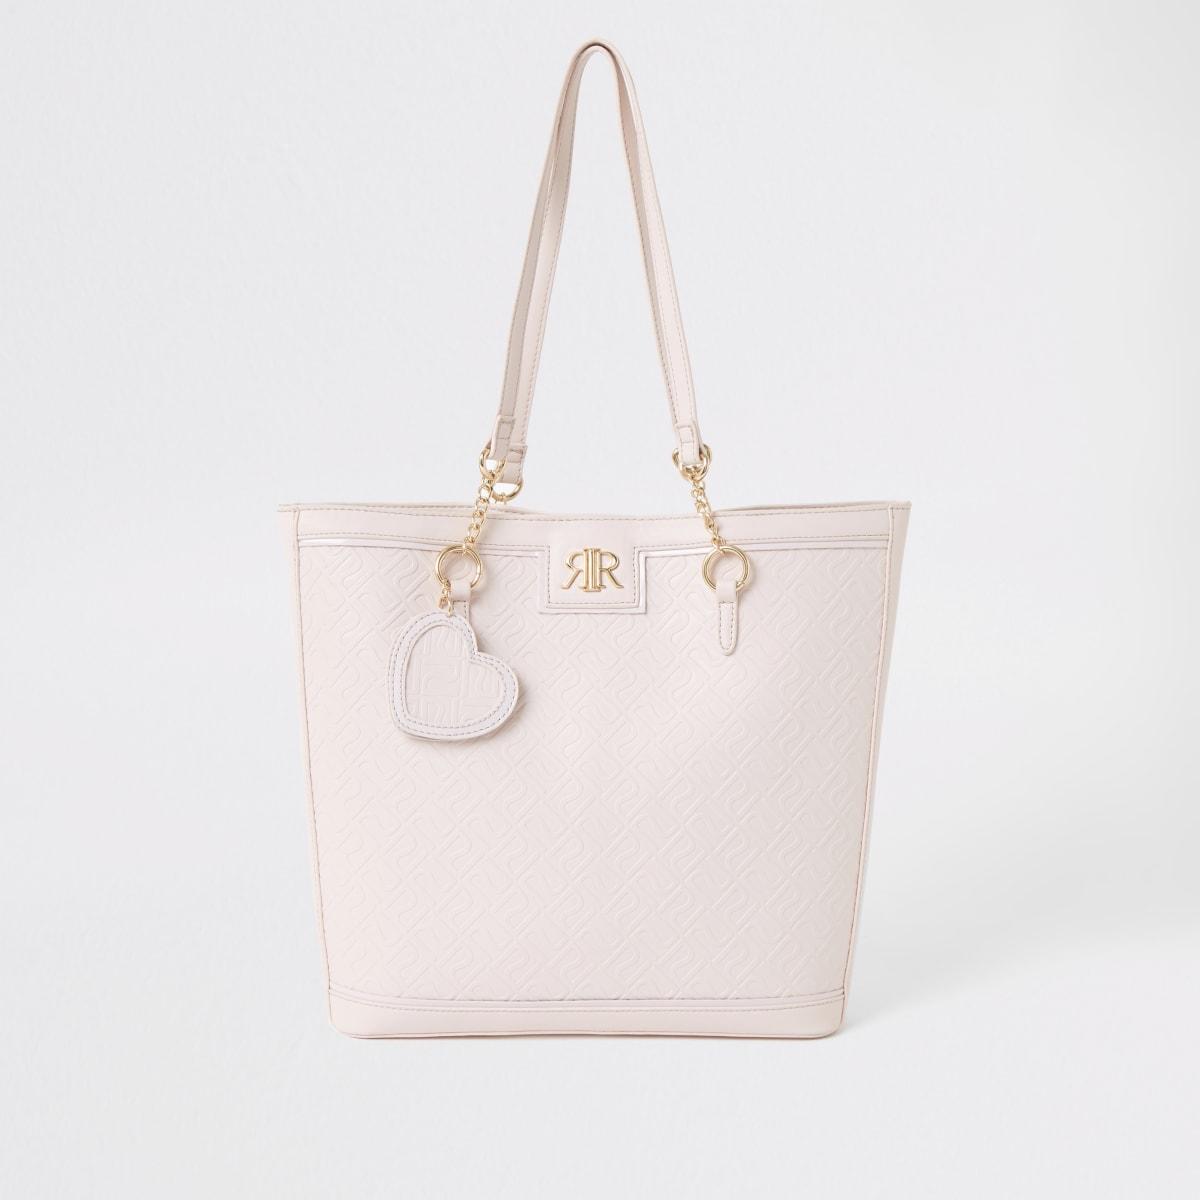 Roze shopper met RI-monogram voor meisjes